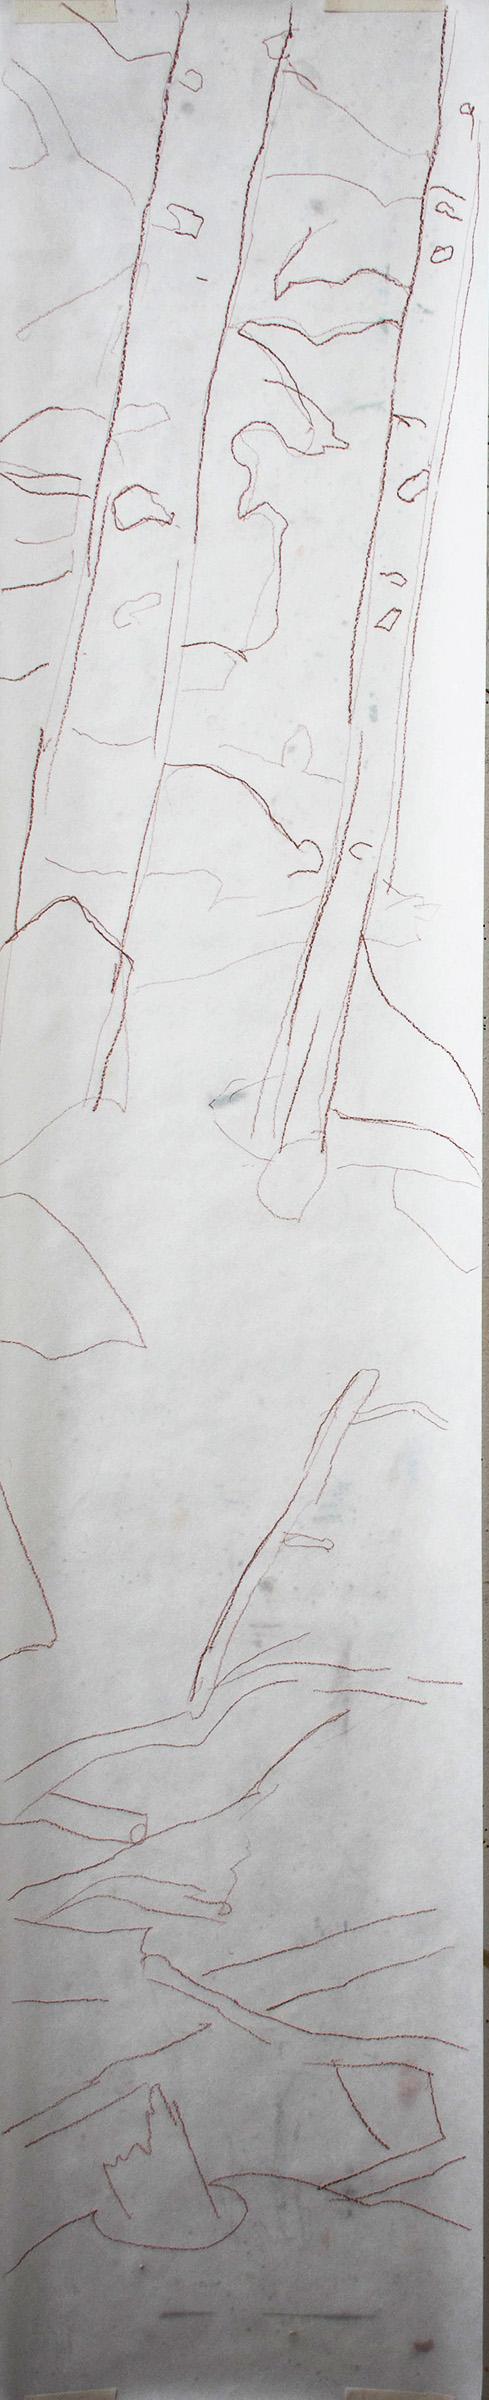 SITE-2-12-17 creek scroll drawing 1.jpg